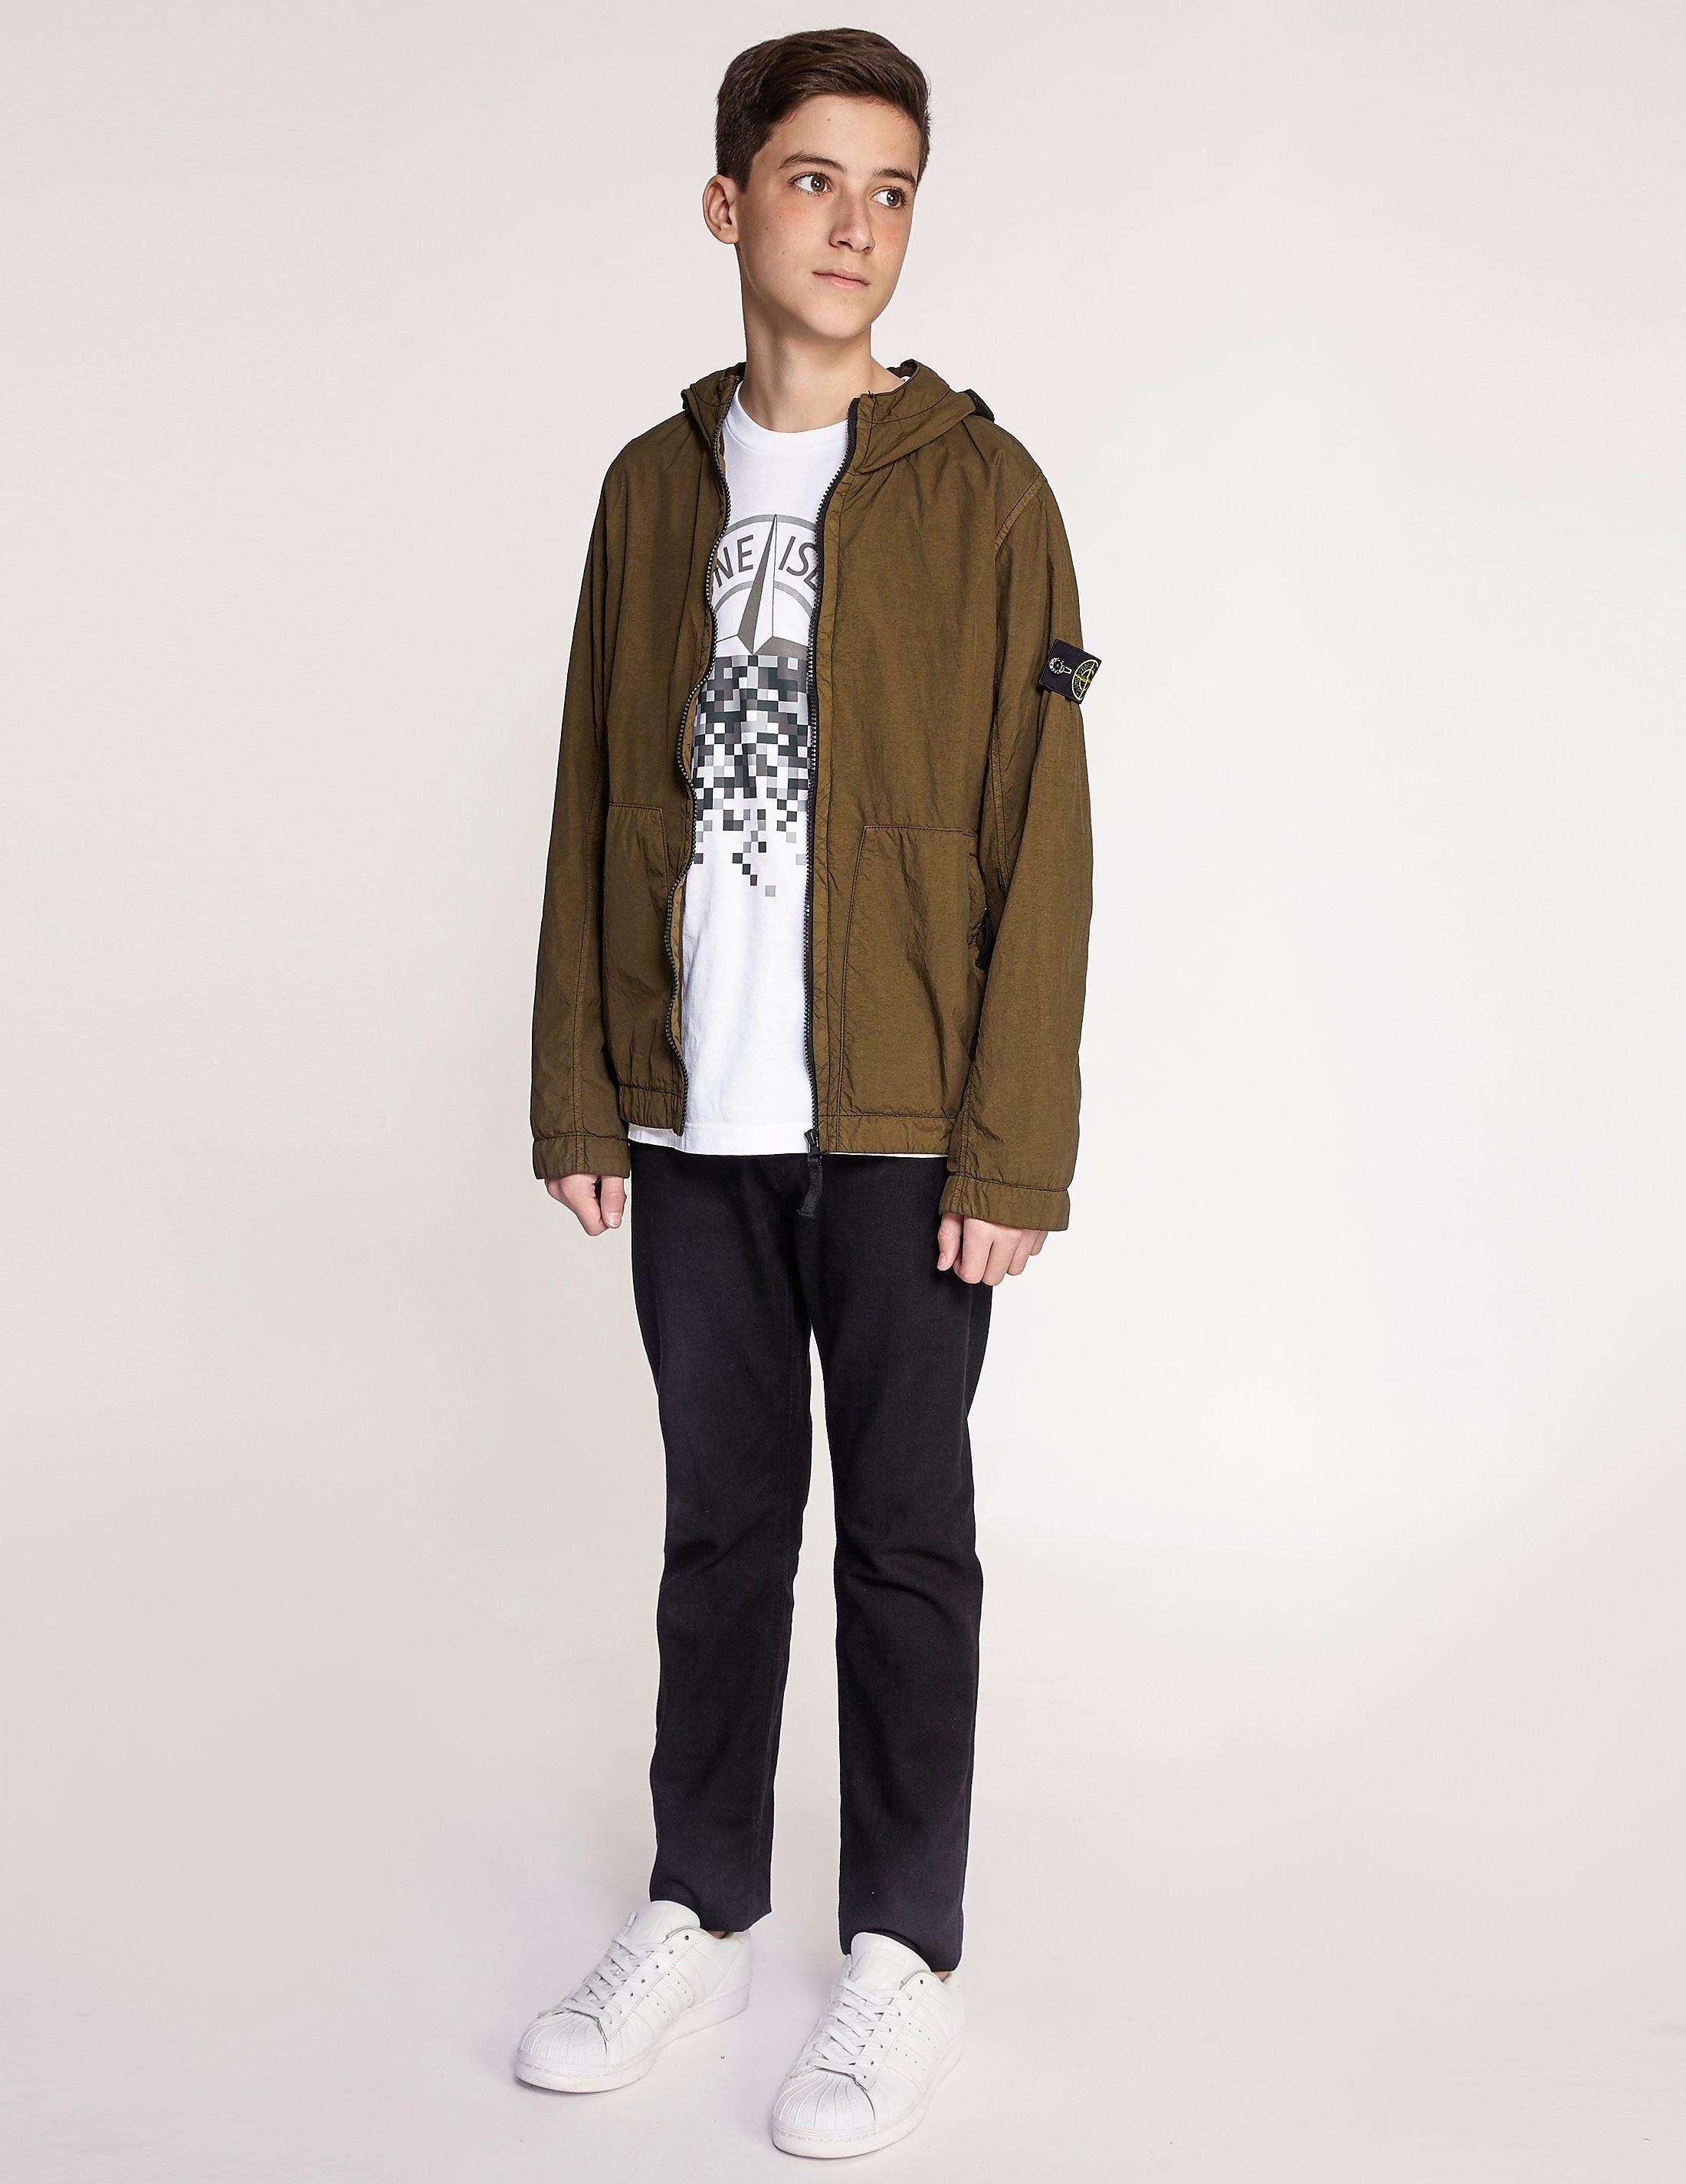 Stone Island Nylon Hooded Jacket